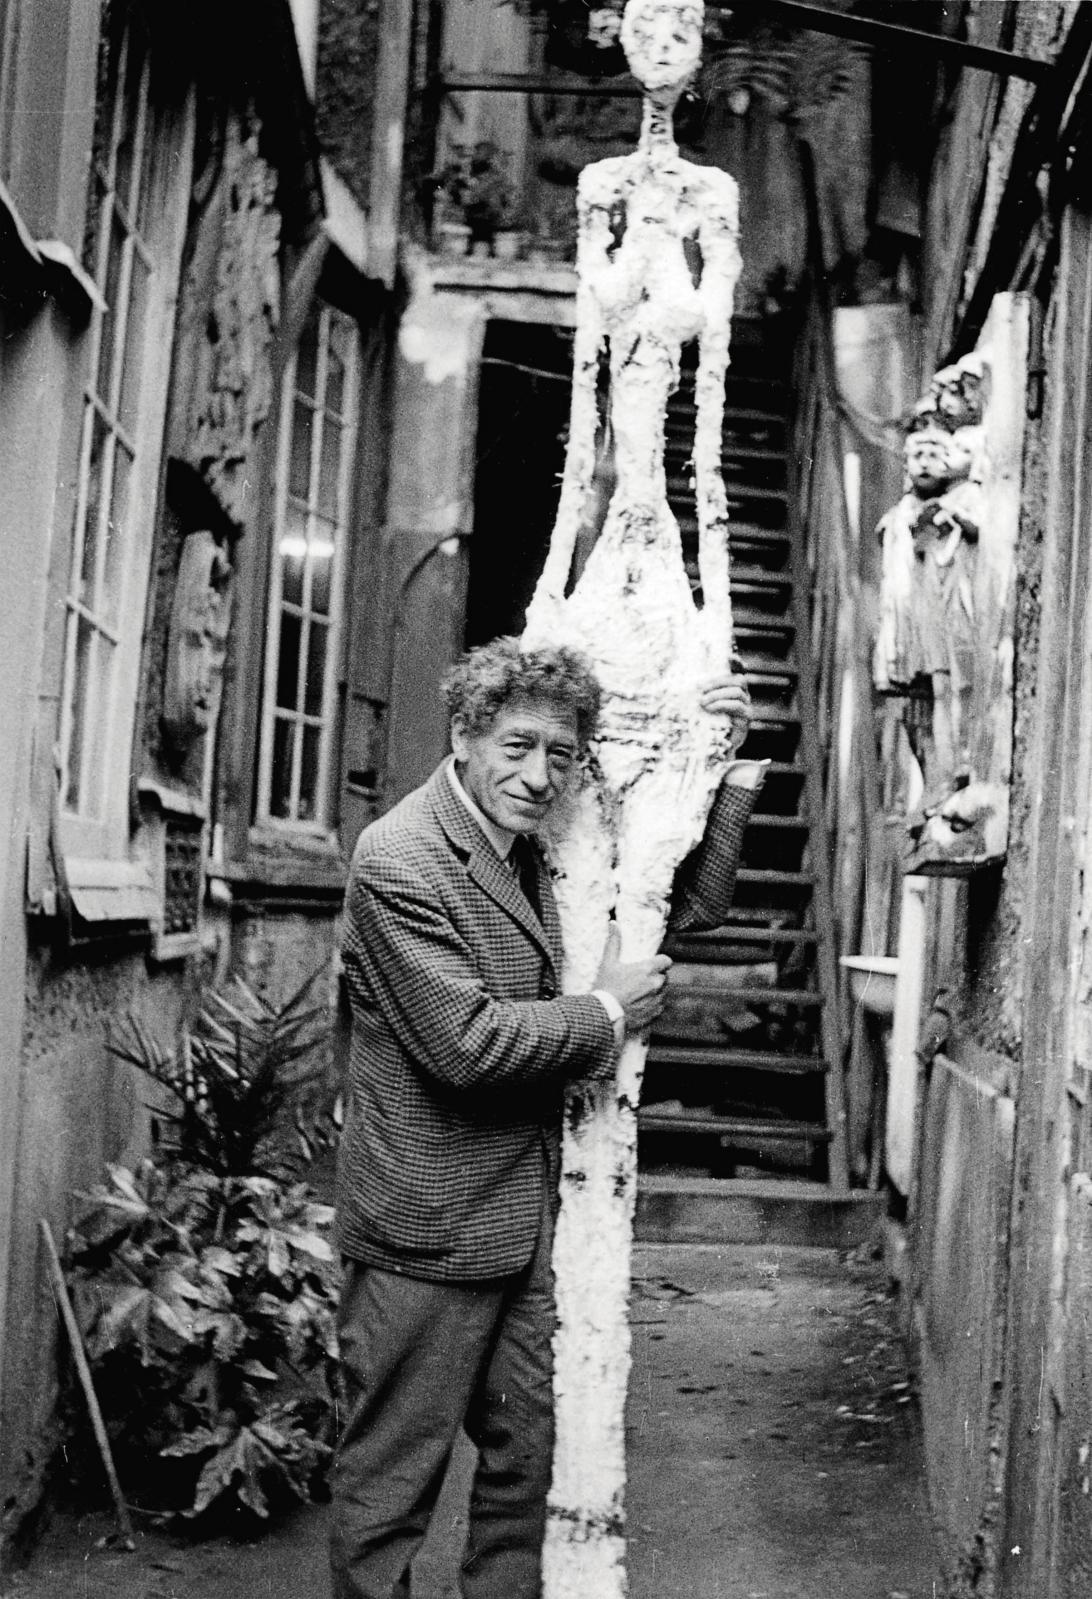 Giacometti avec Grande femmeIV dans la cour de l'atelier, août1960.